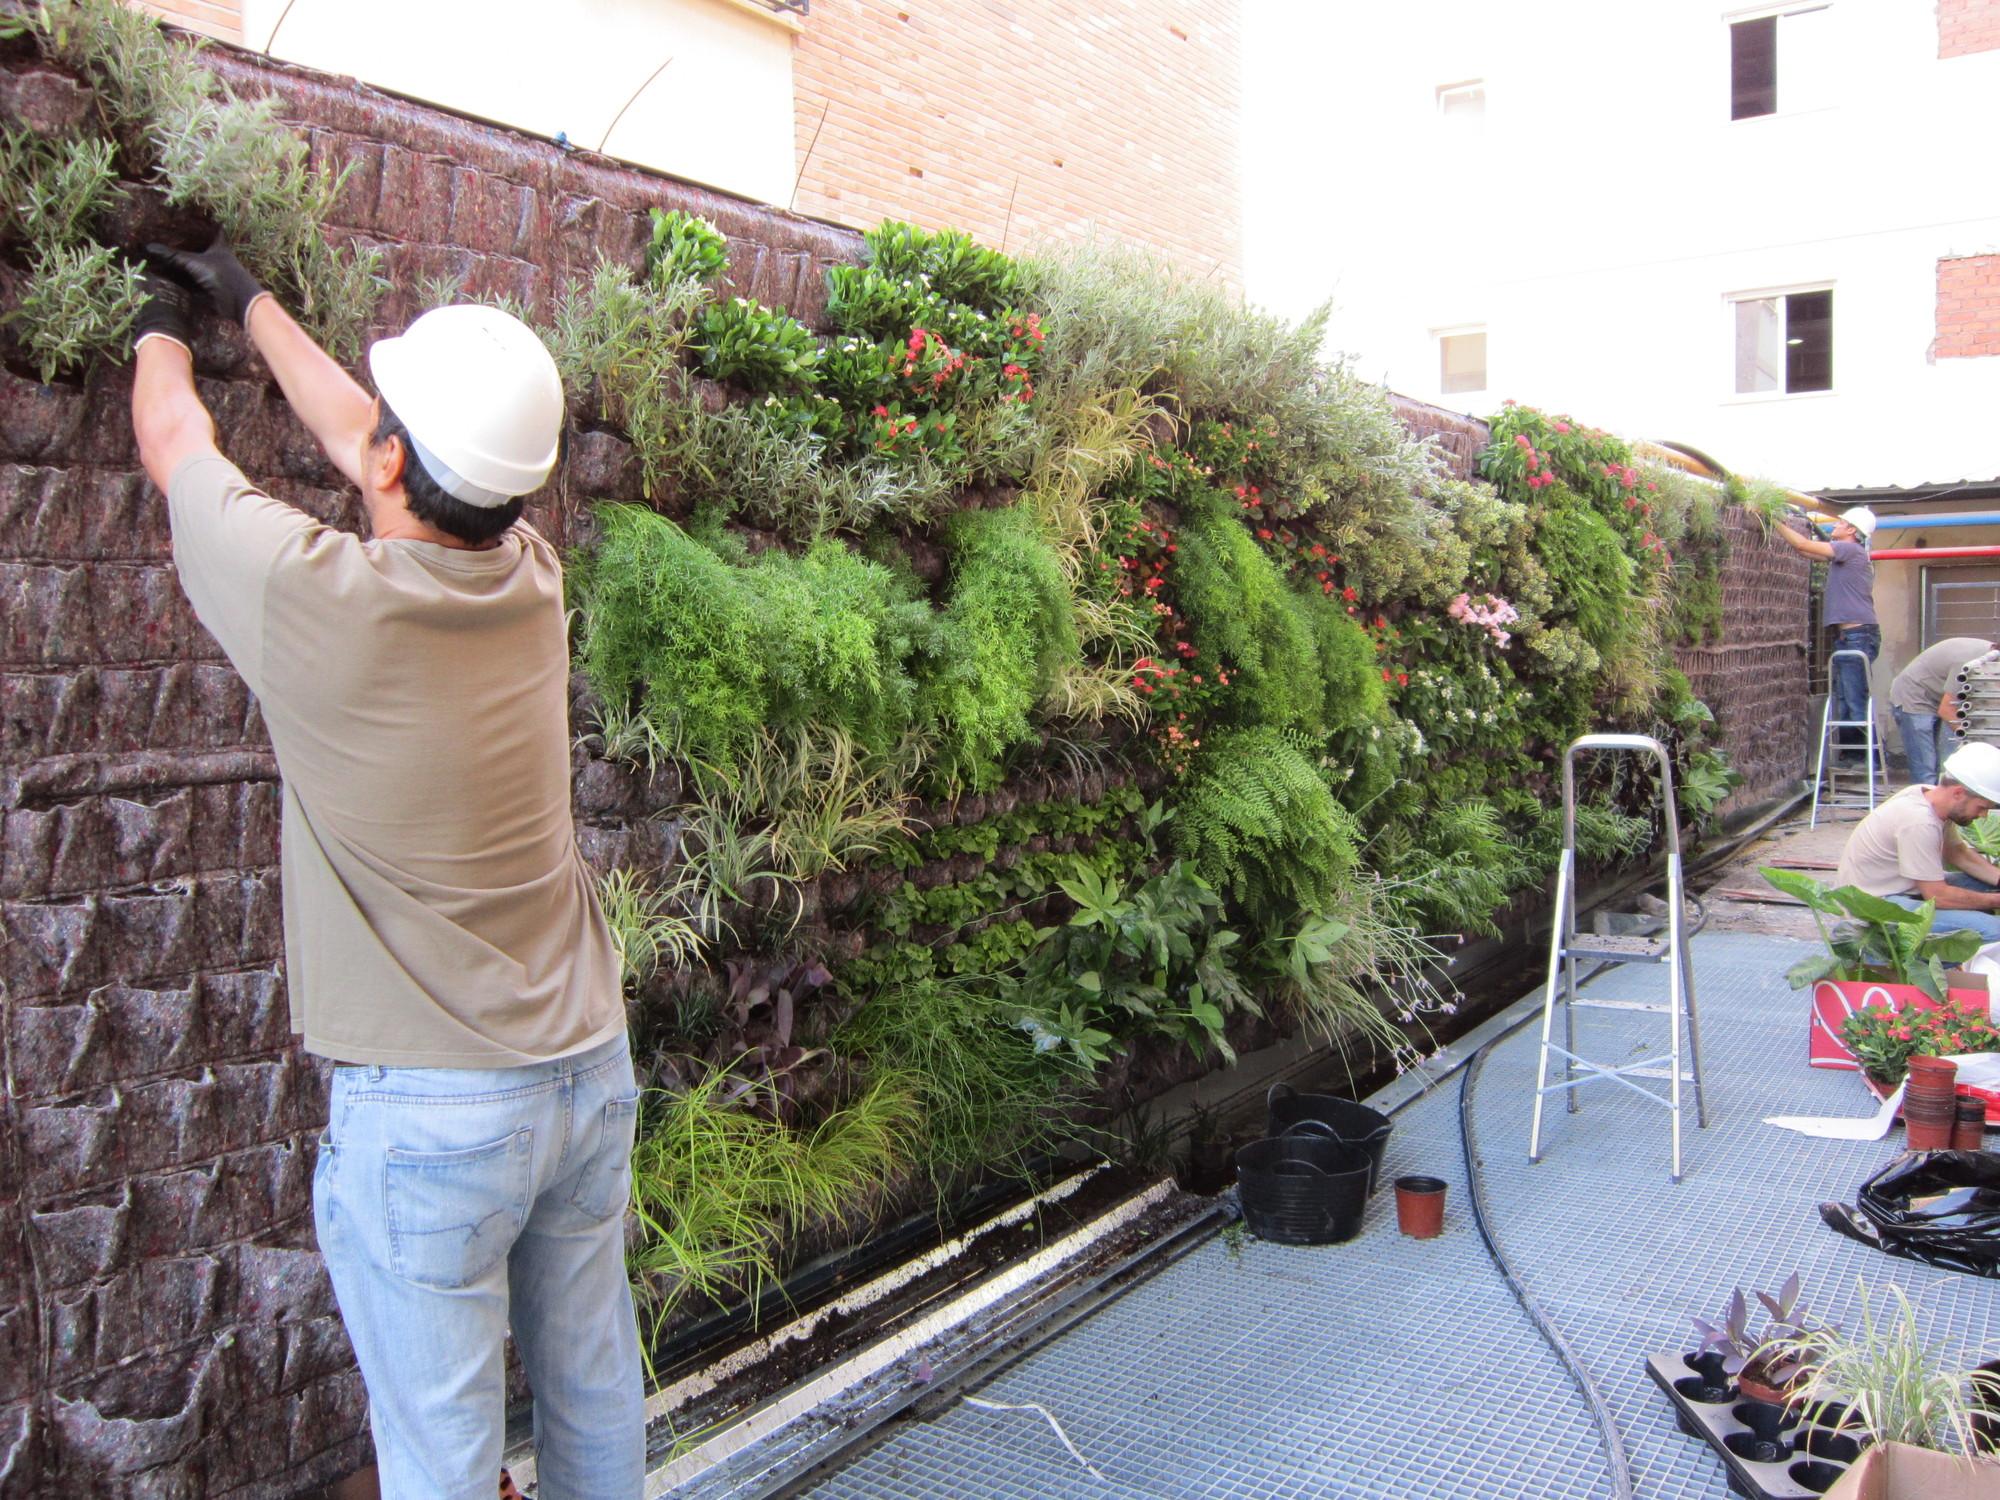 Florvisi n los jardines verticales for Para que sirven los jardines verticales